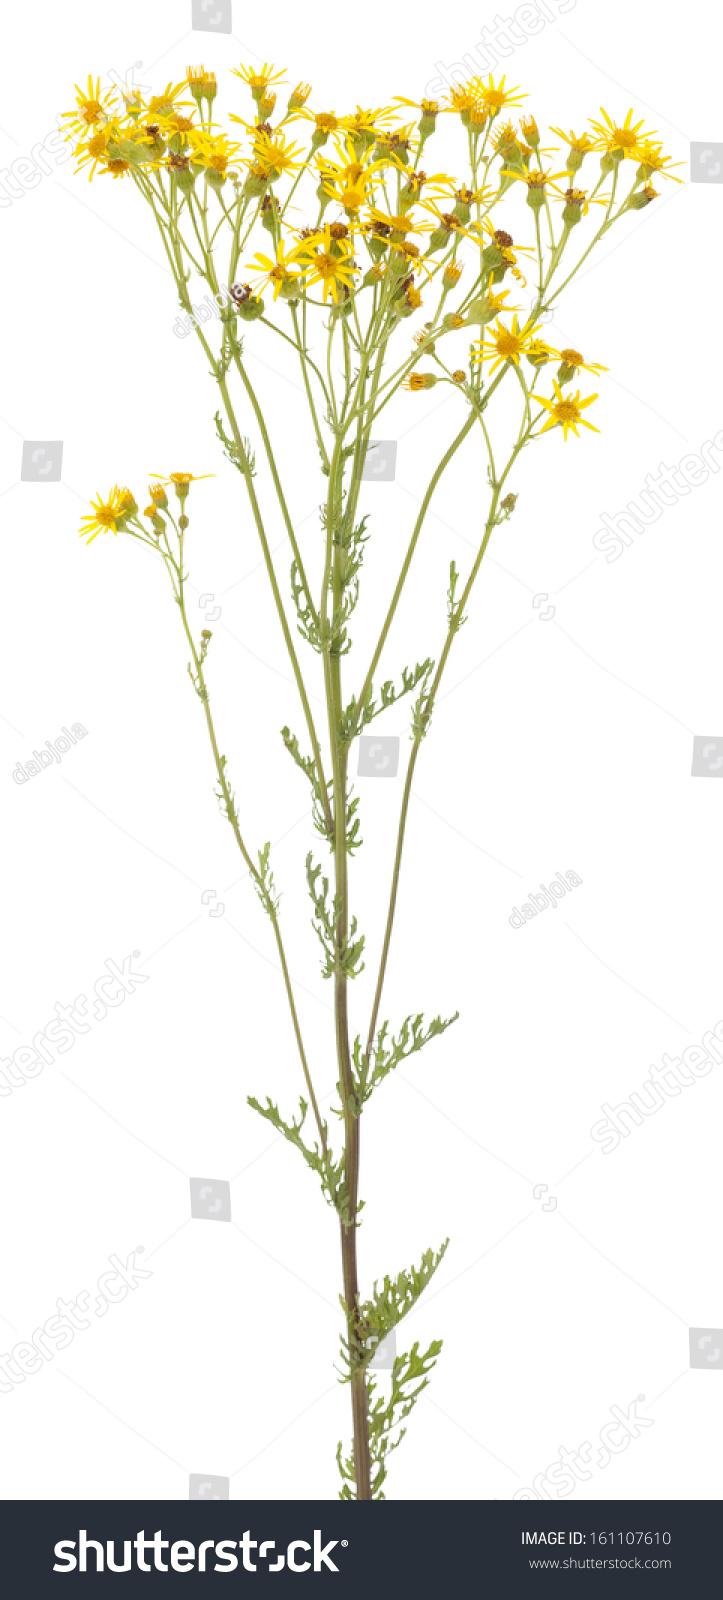 Yellow Single Flower Senecio Jacobaea On White Background Ez Canvas